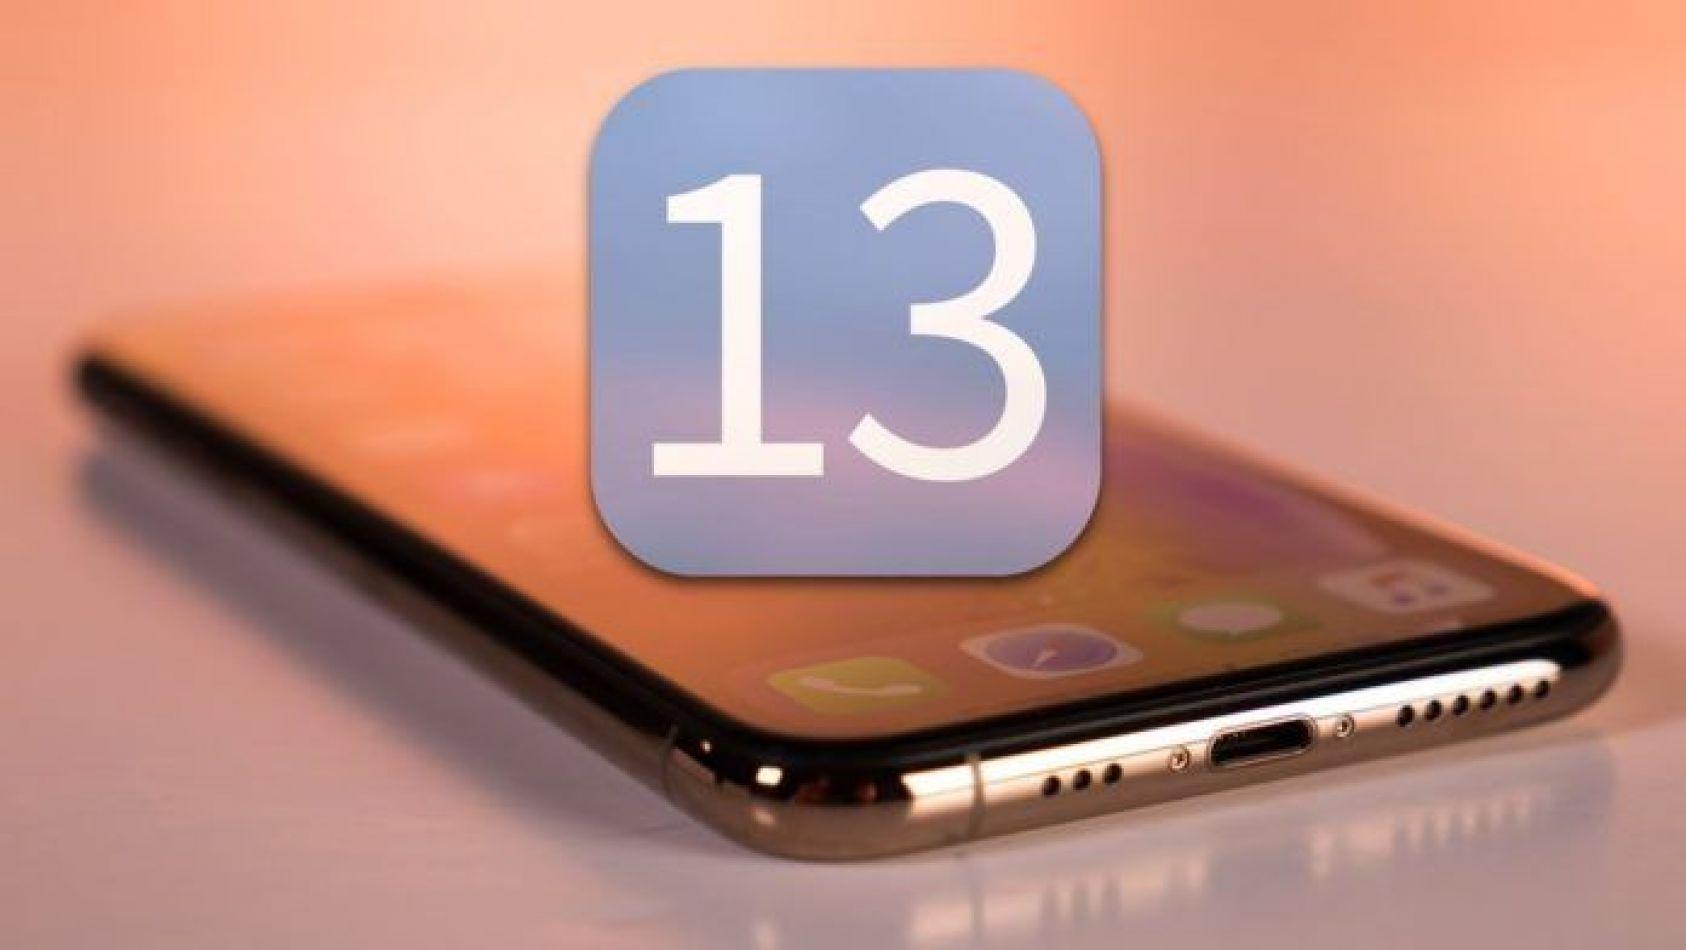 El nuevo sistema operativo de Apple no será compatible con varios modelos de iPhone